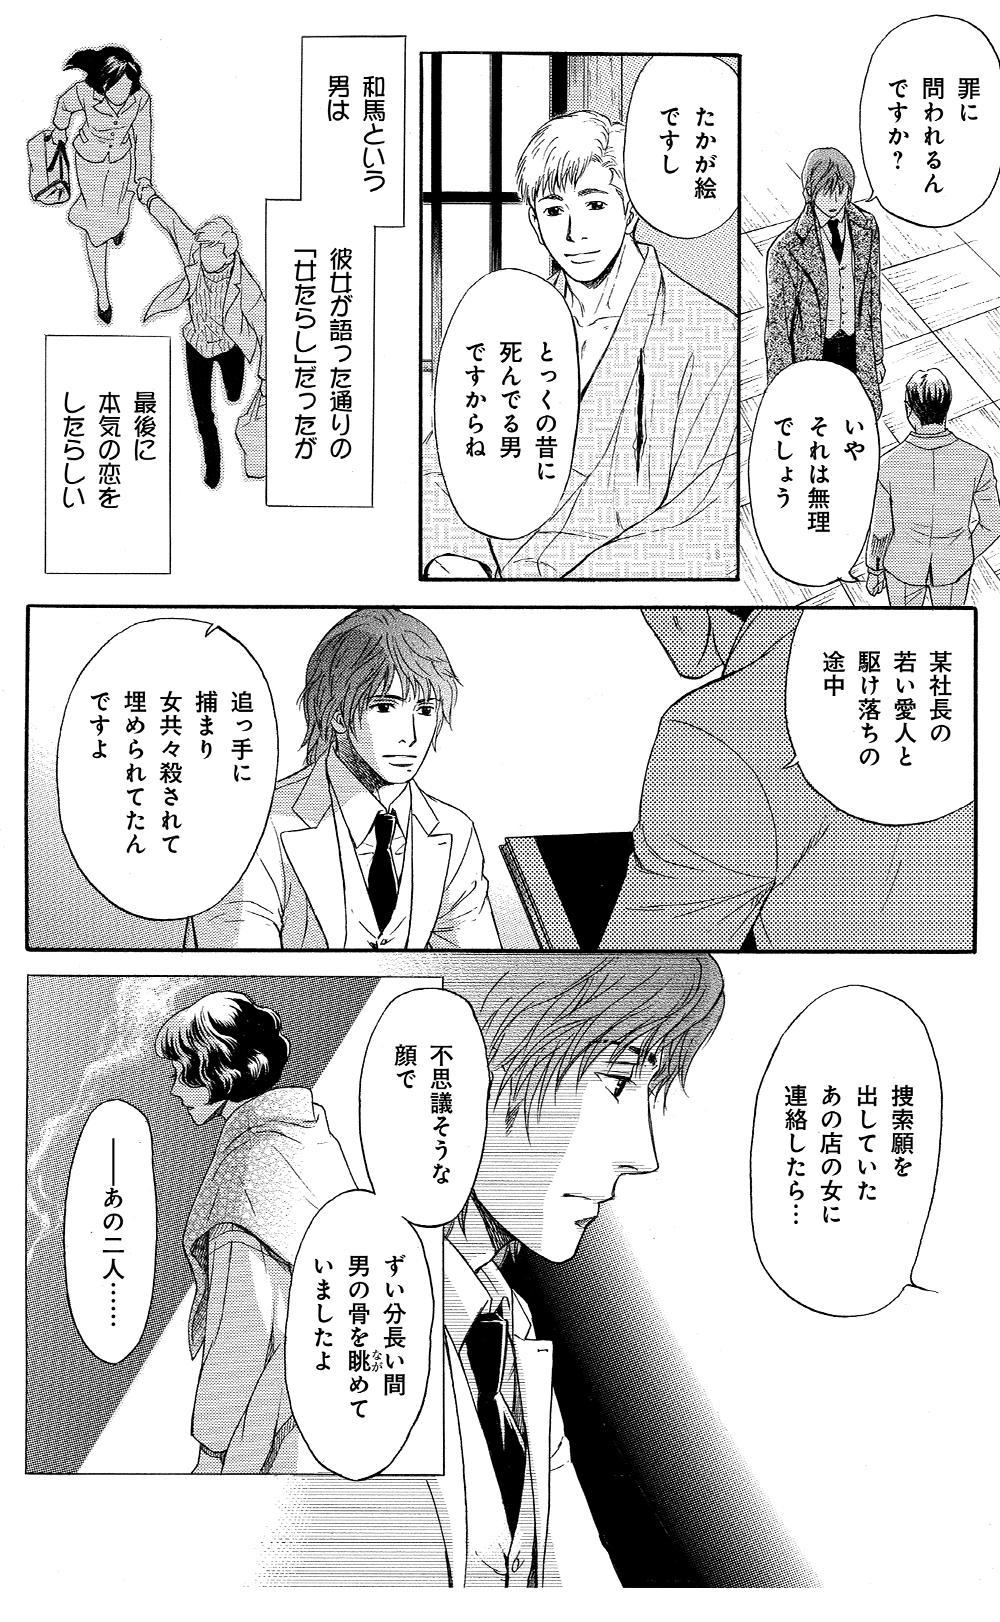 鵼の絵師 第2話「おきみやげ」②nuenoeshi04-11.jpg